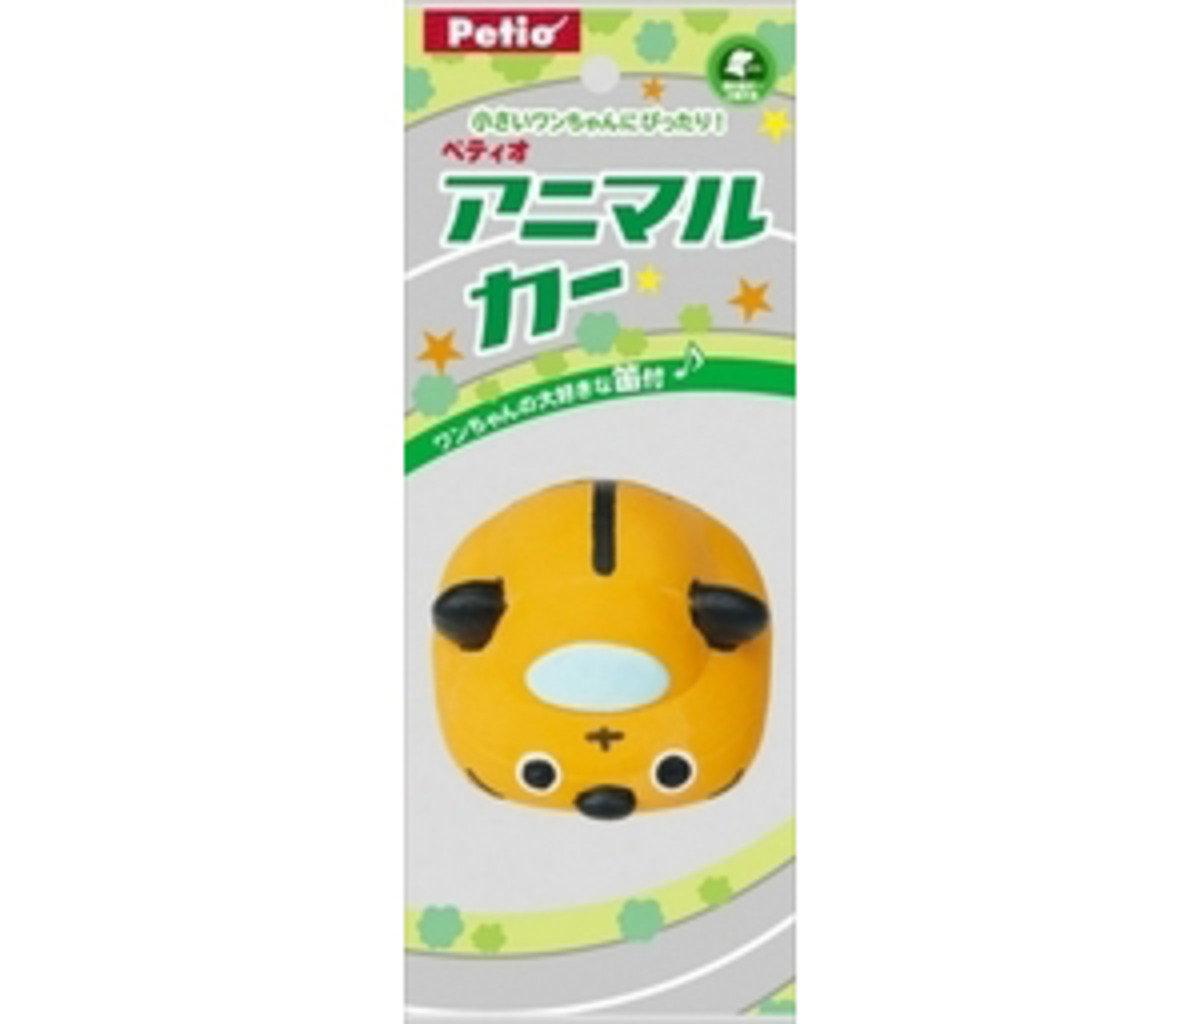 PO23426 日本 PETIO 發聲玩具 - 老虎仔